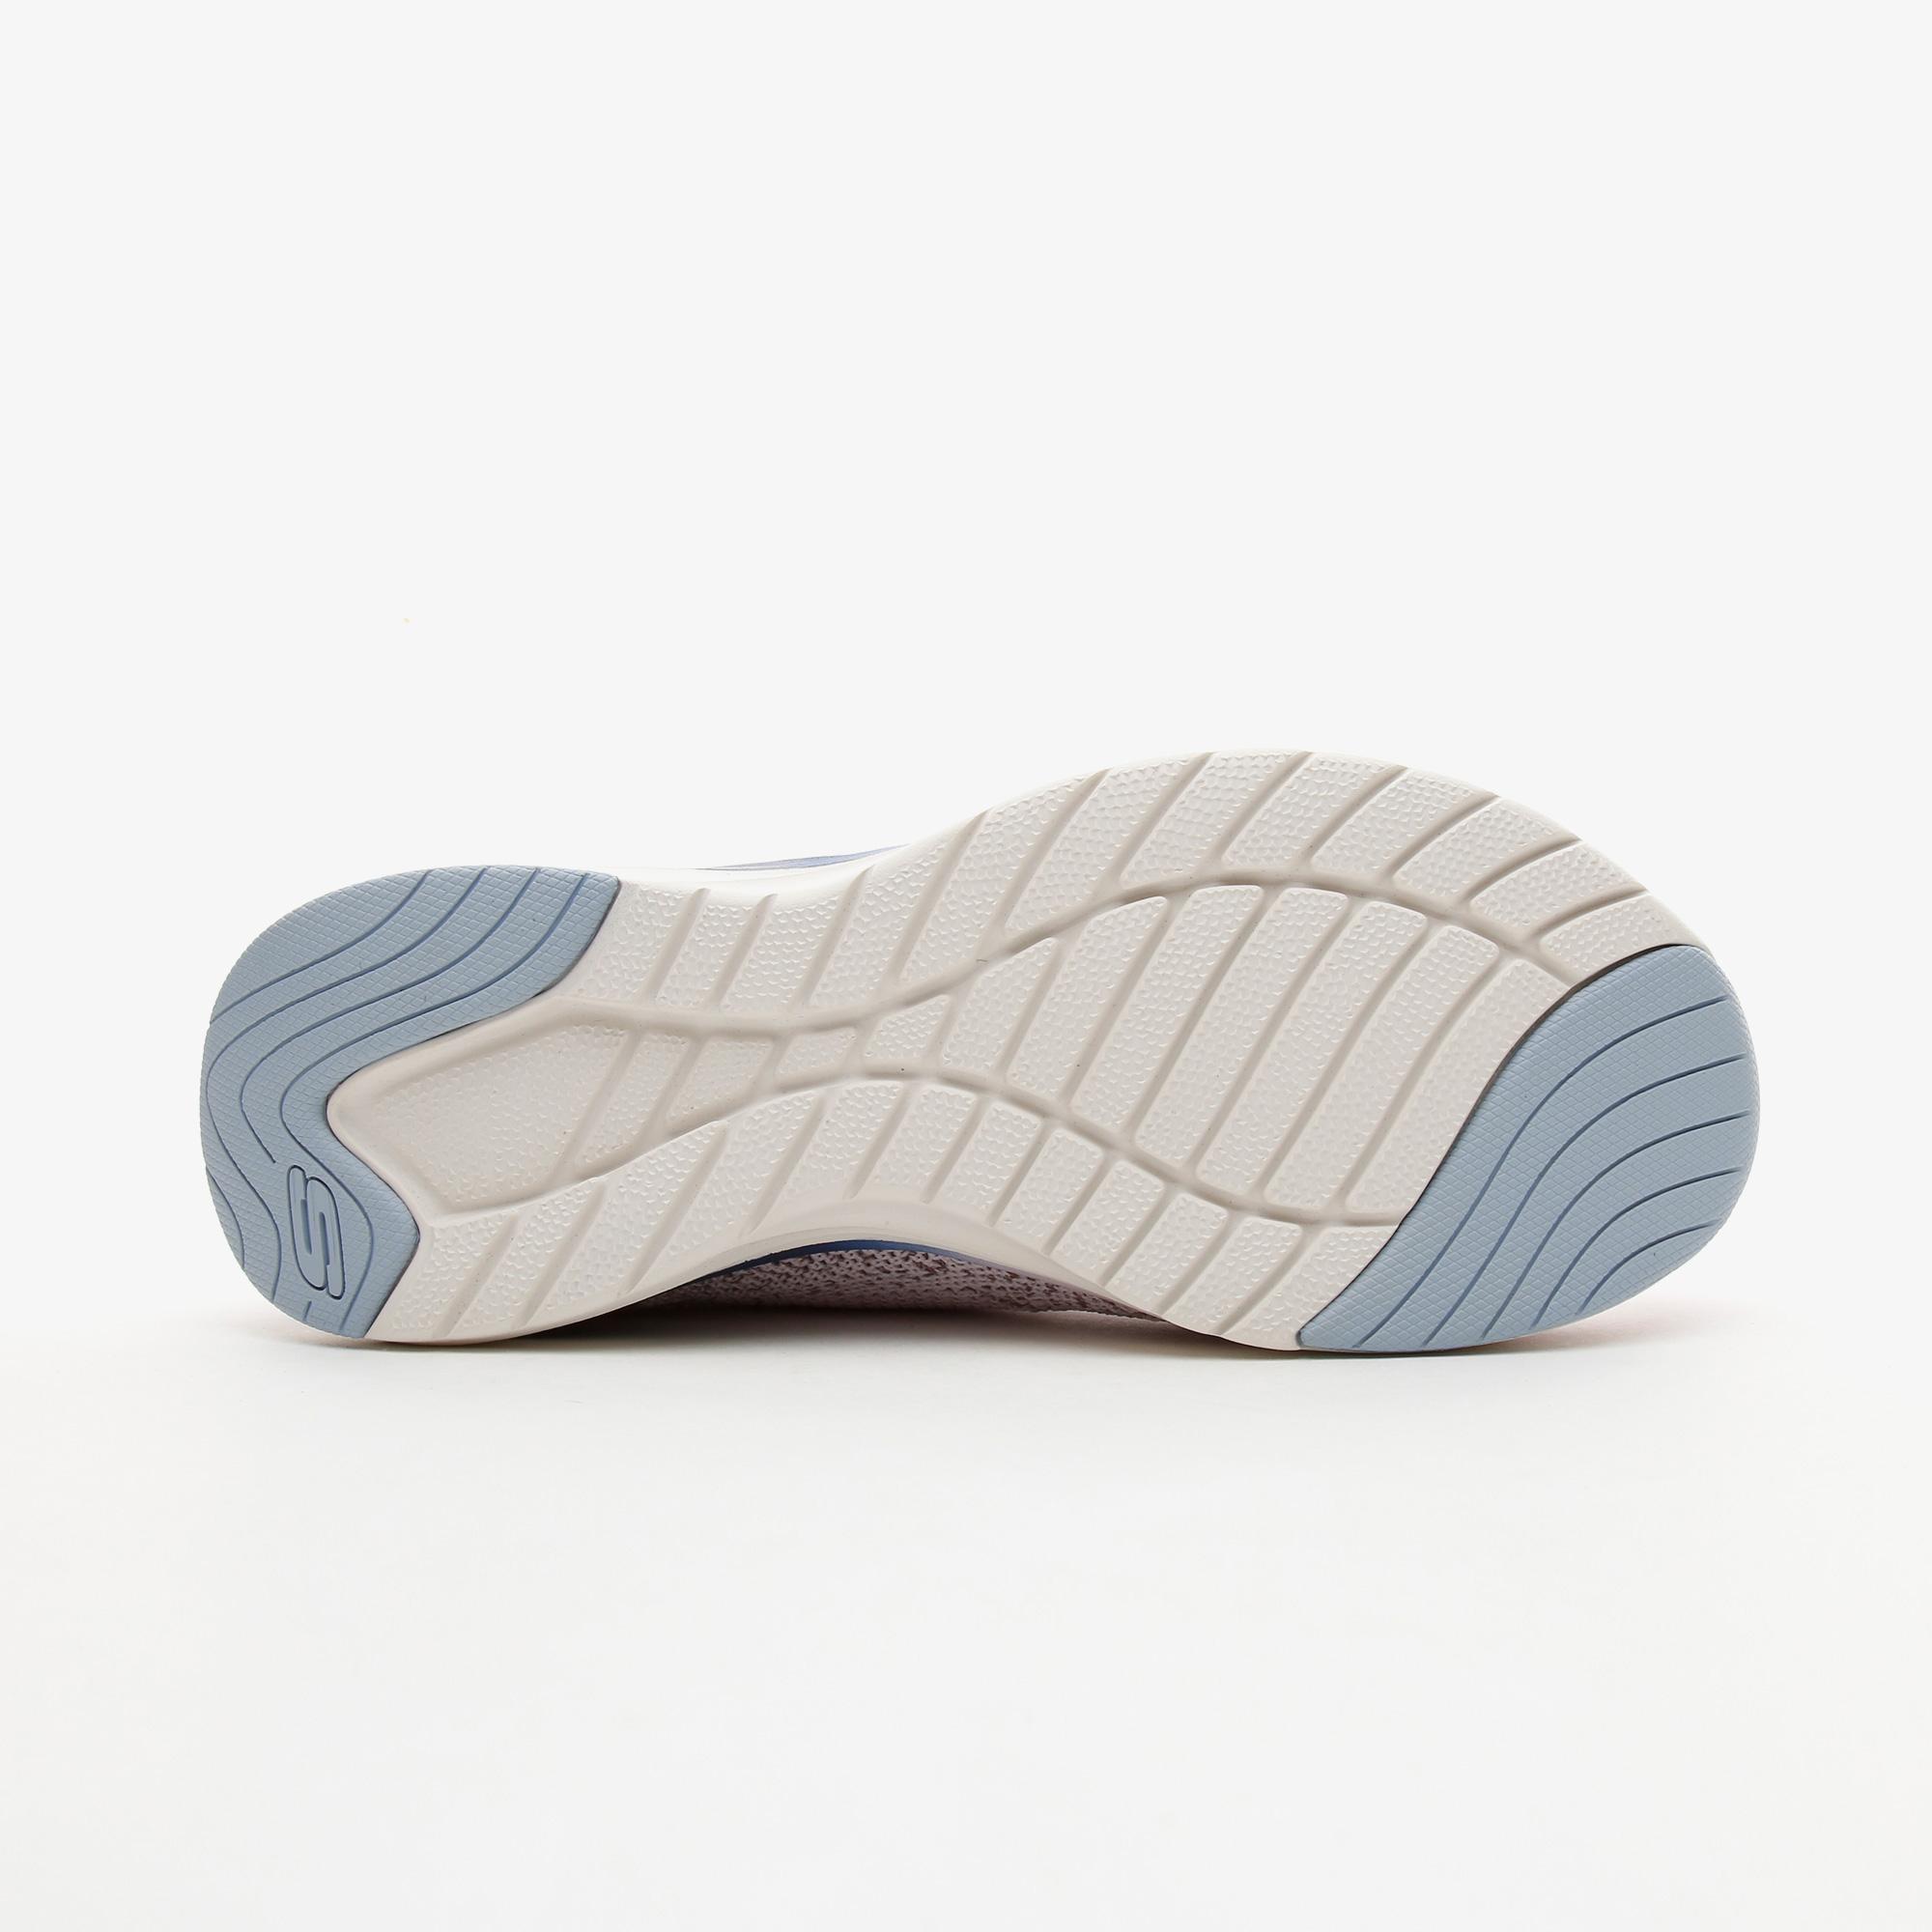 Skechers Ultra Groove - Kadın Mor Spor Ayakkabı